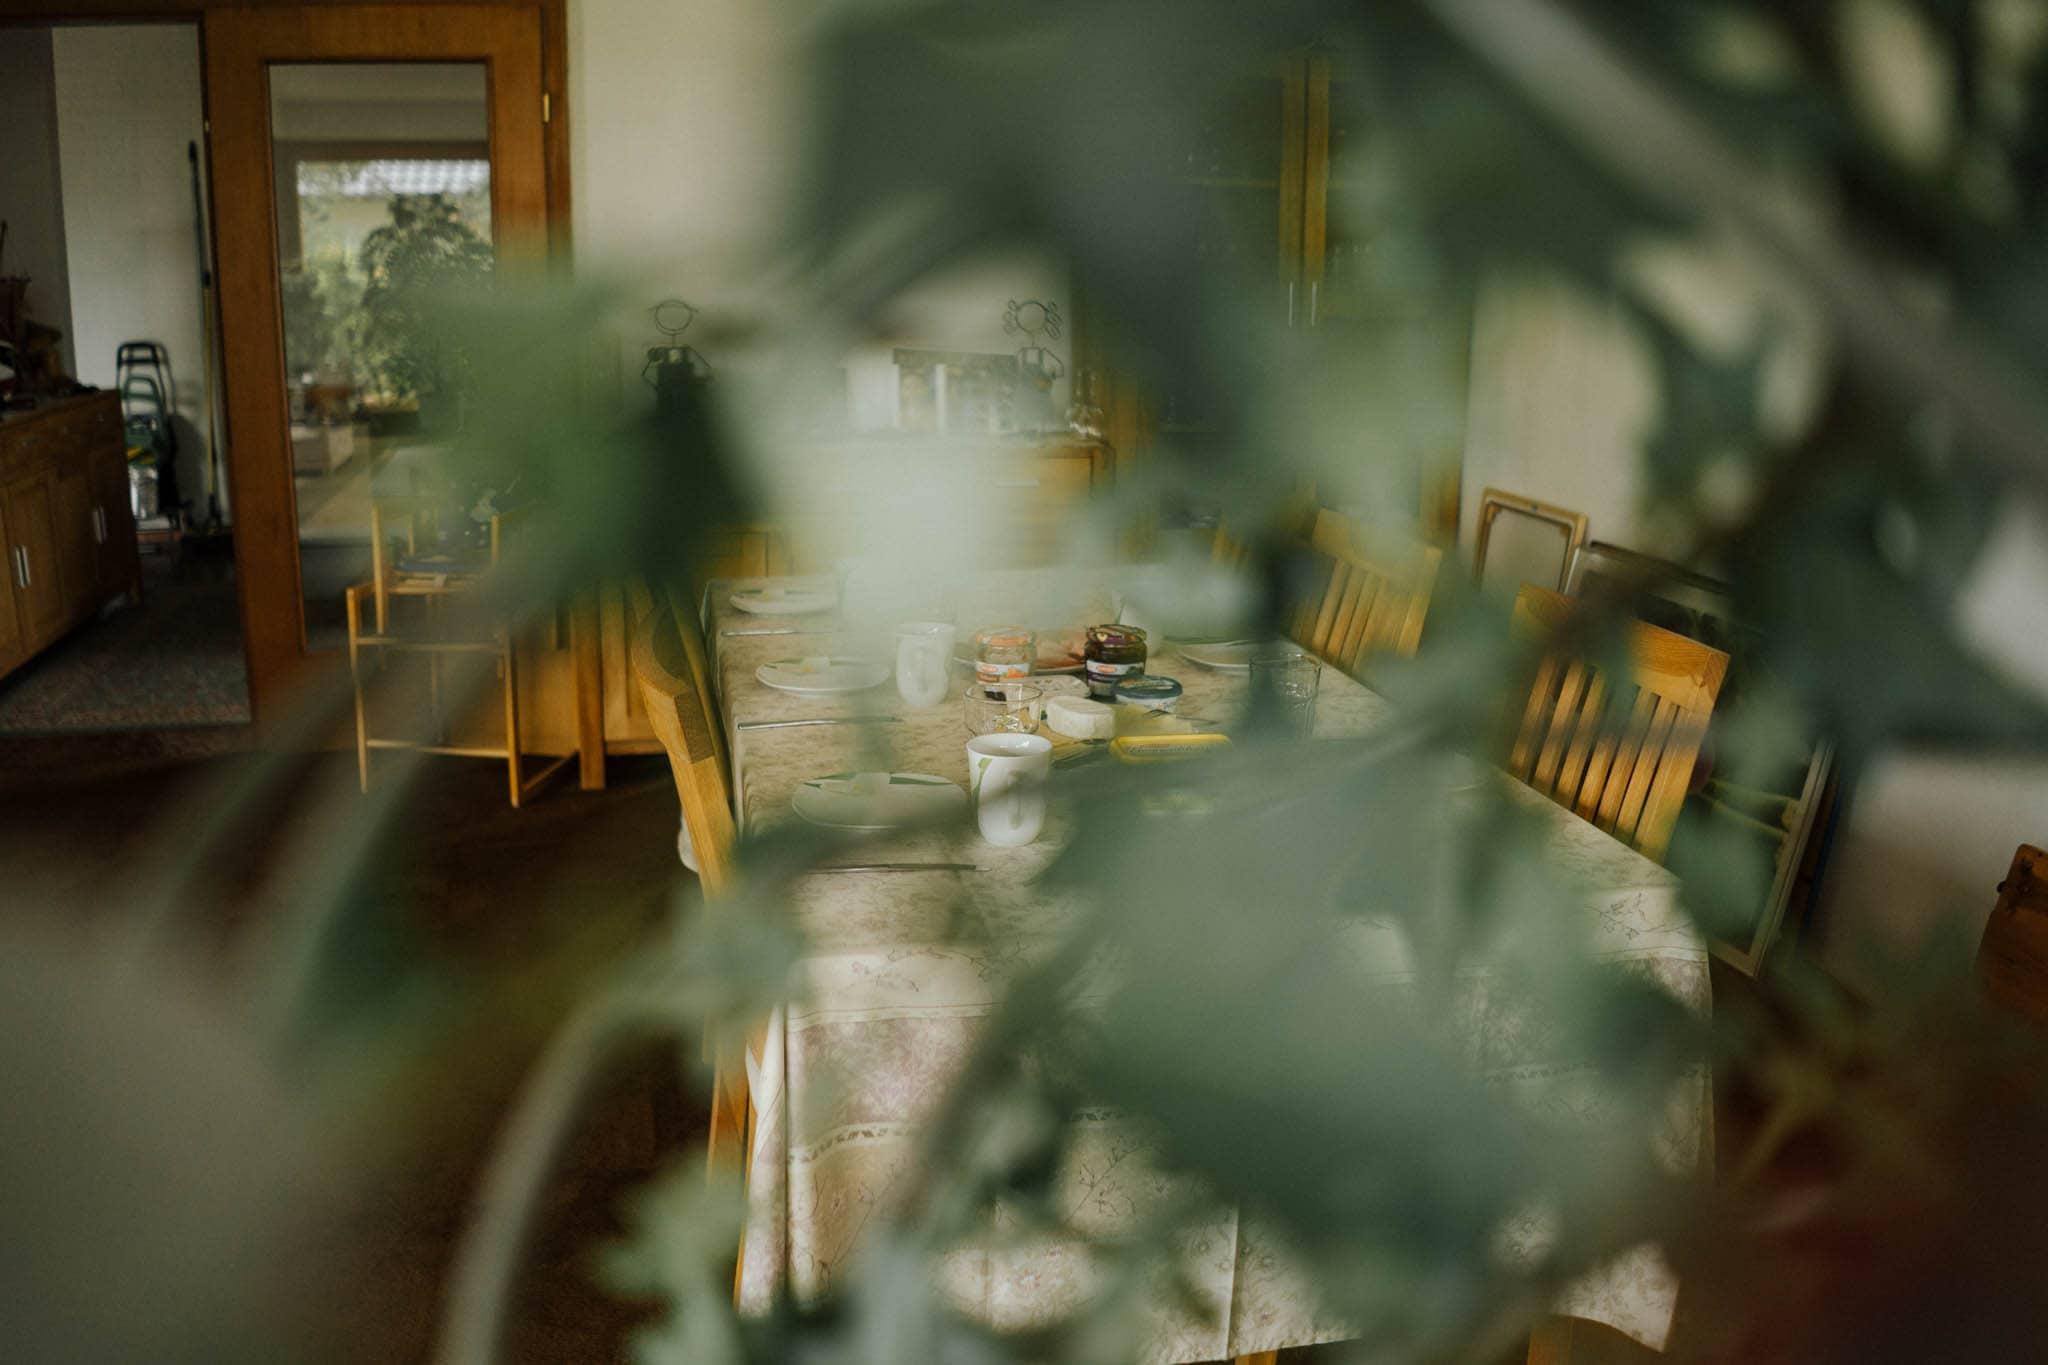 Hochzeitsfieber by Photo-Schomburg, Hoichzeitsfotograf, Hamburg, Wedding, Weddingtime, Hochzeitspaar, Braut, Bräutigam, Hochzeit im Norden,-1